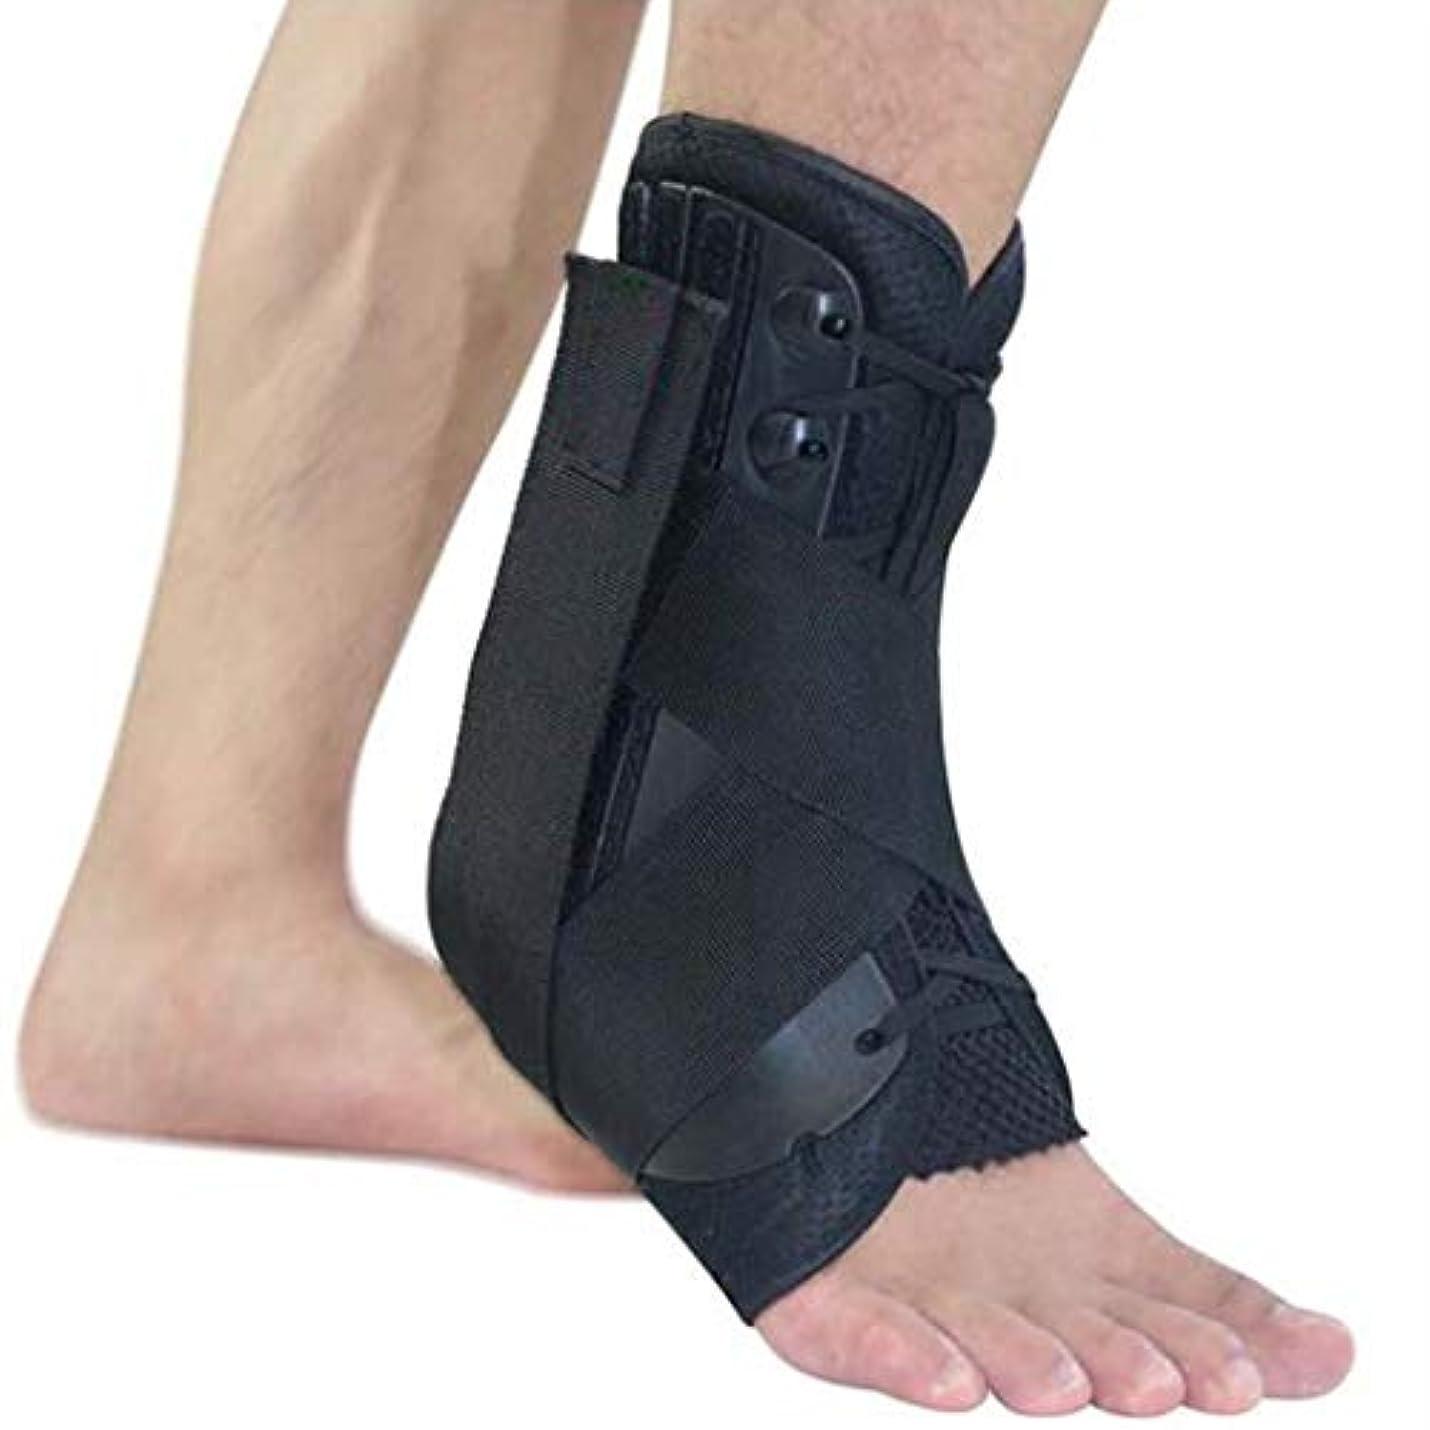 八代わりのバラ色筋膜炎かかとの痛み、手術後のアキレス腱気道足首骨折治療フィックスサポートツール (Size : L)